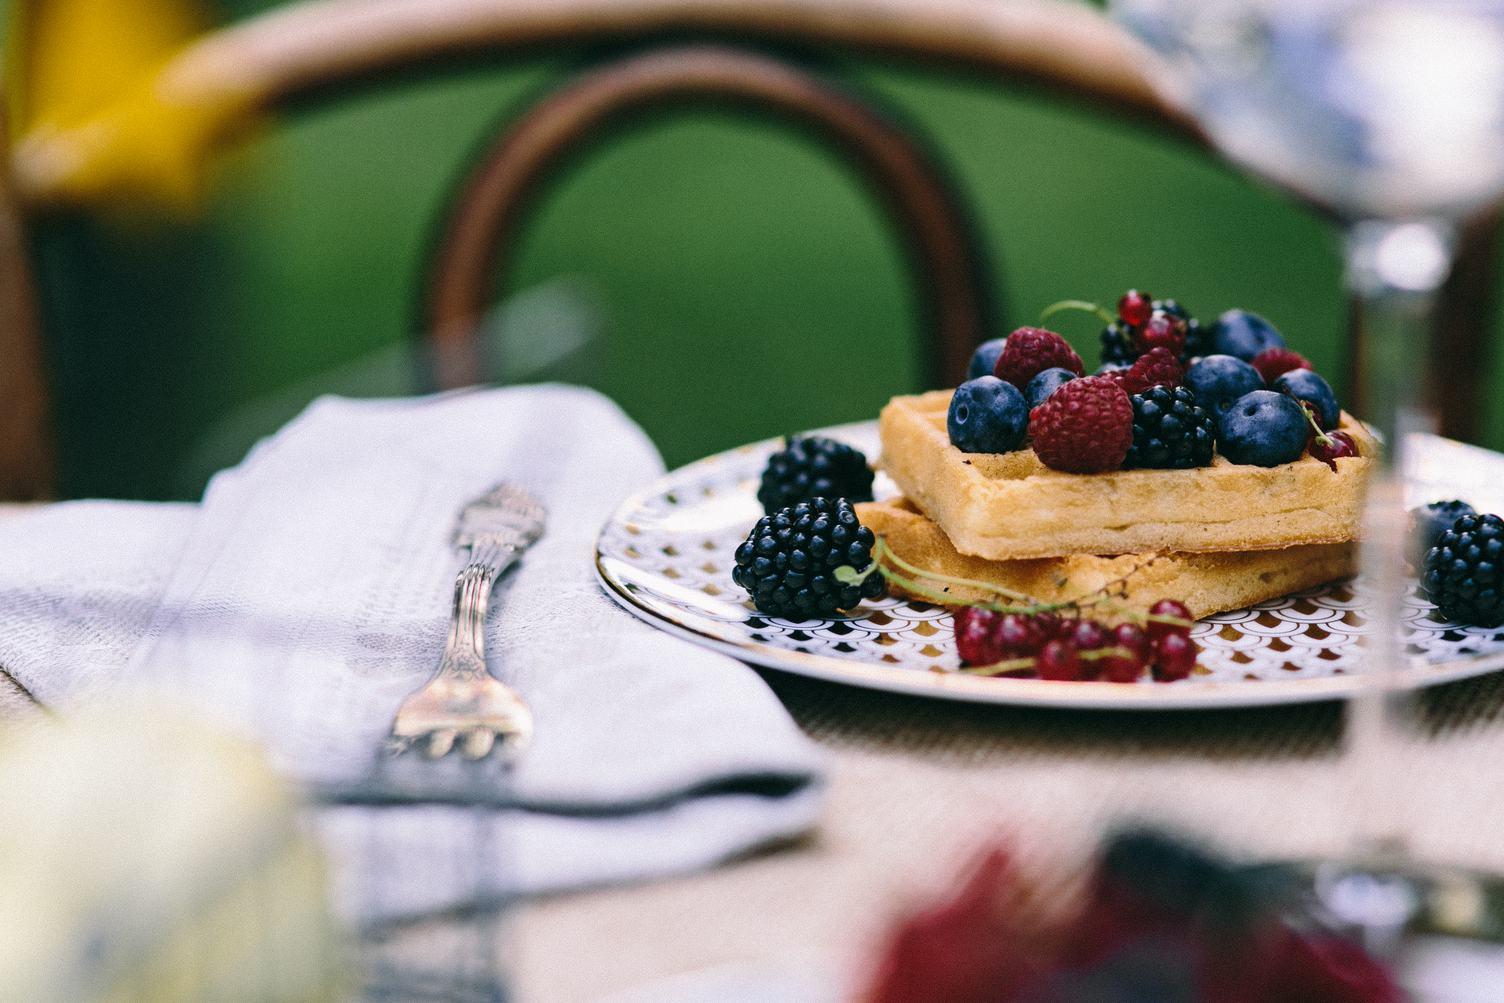 Sweet Breakfast, Belgian Waffles with Fresh Fruits